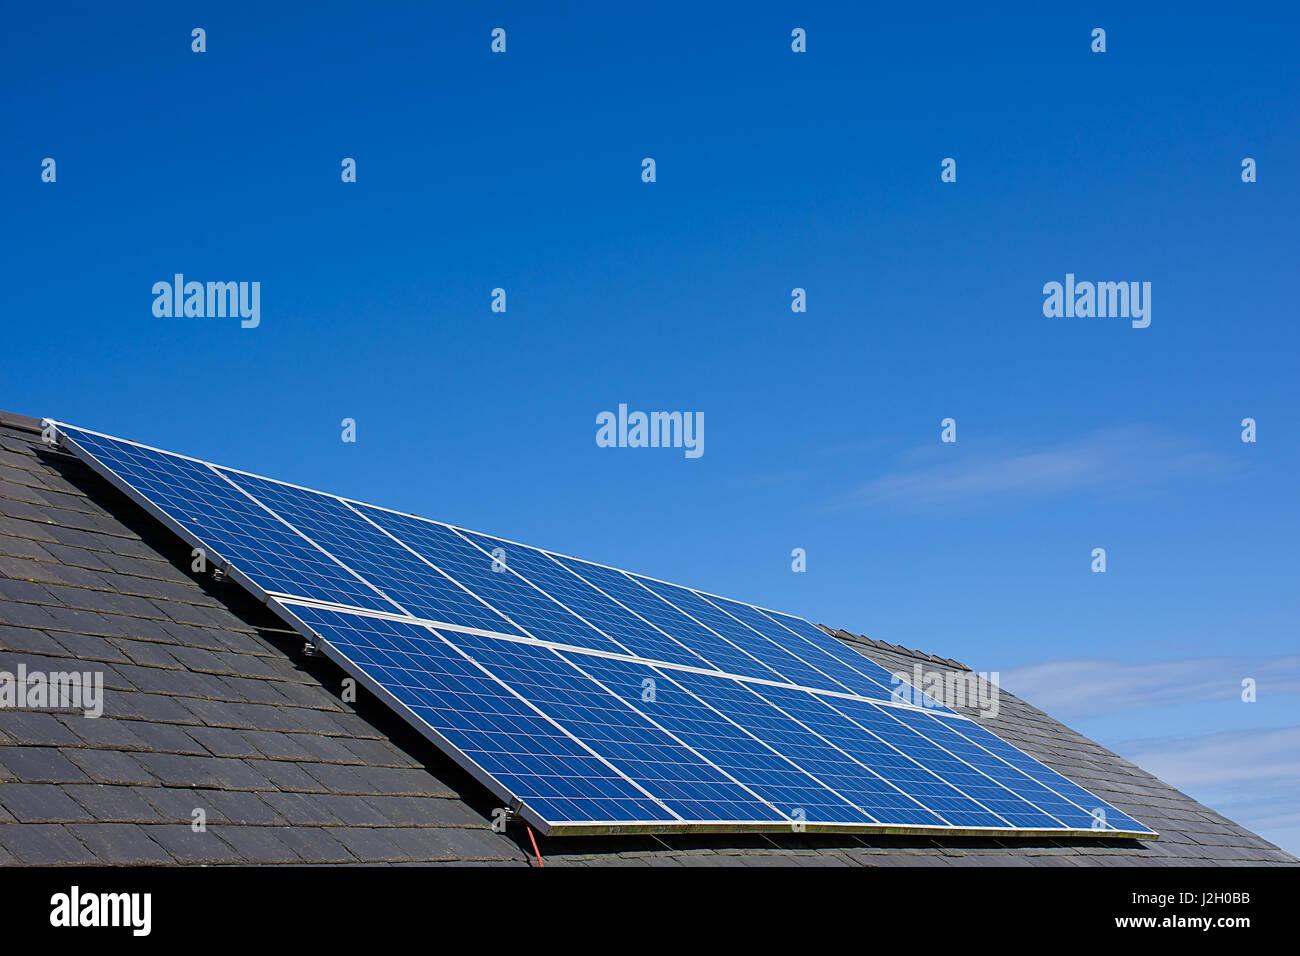 Paneles solares en el techo de la casa con el cielo azul de fondo, el norte de Gales, Reino Unido.La energía Imagen De Stock